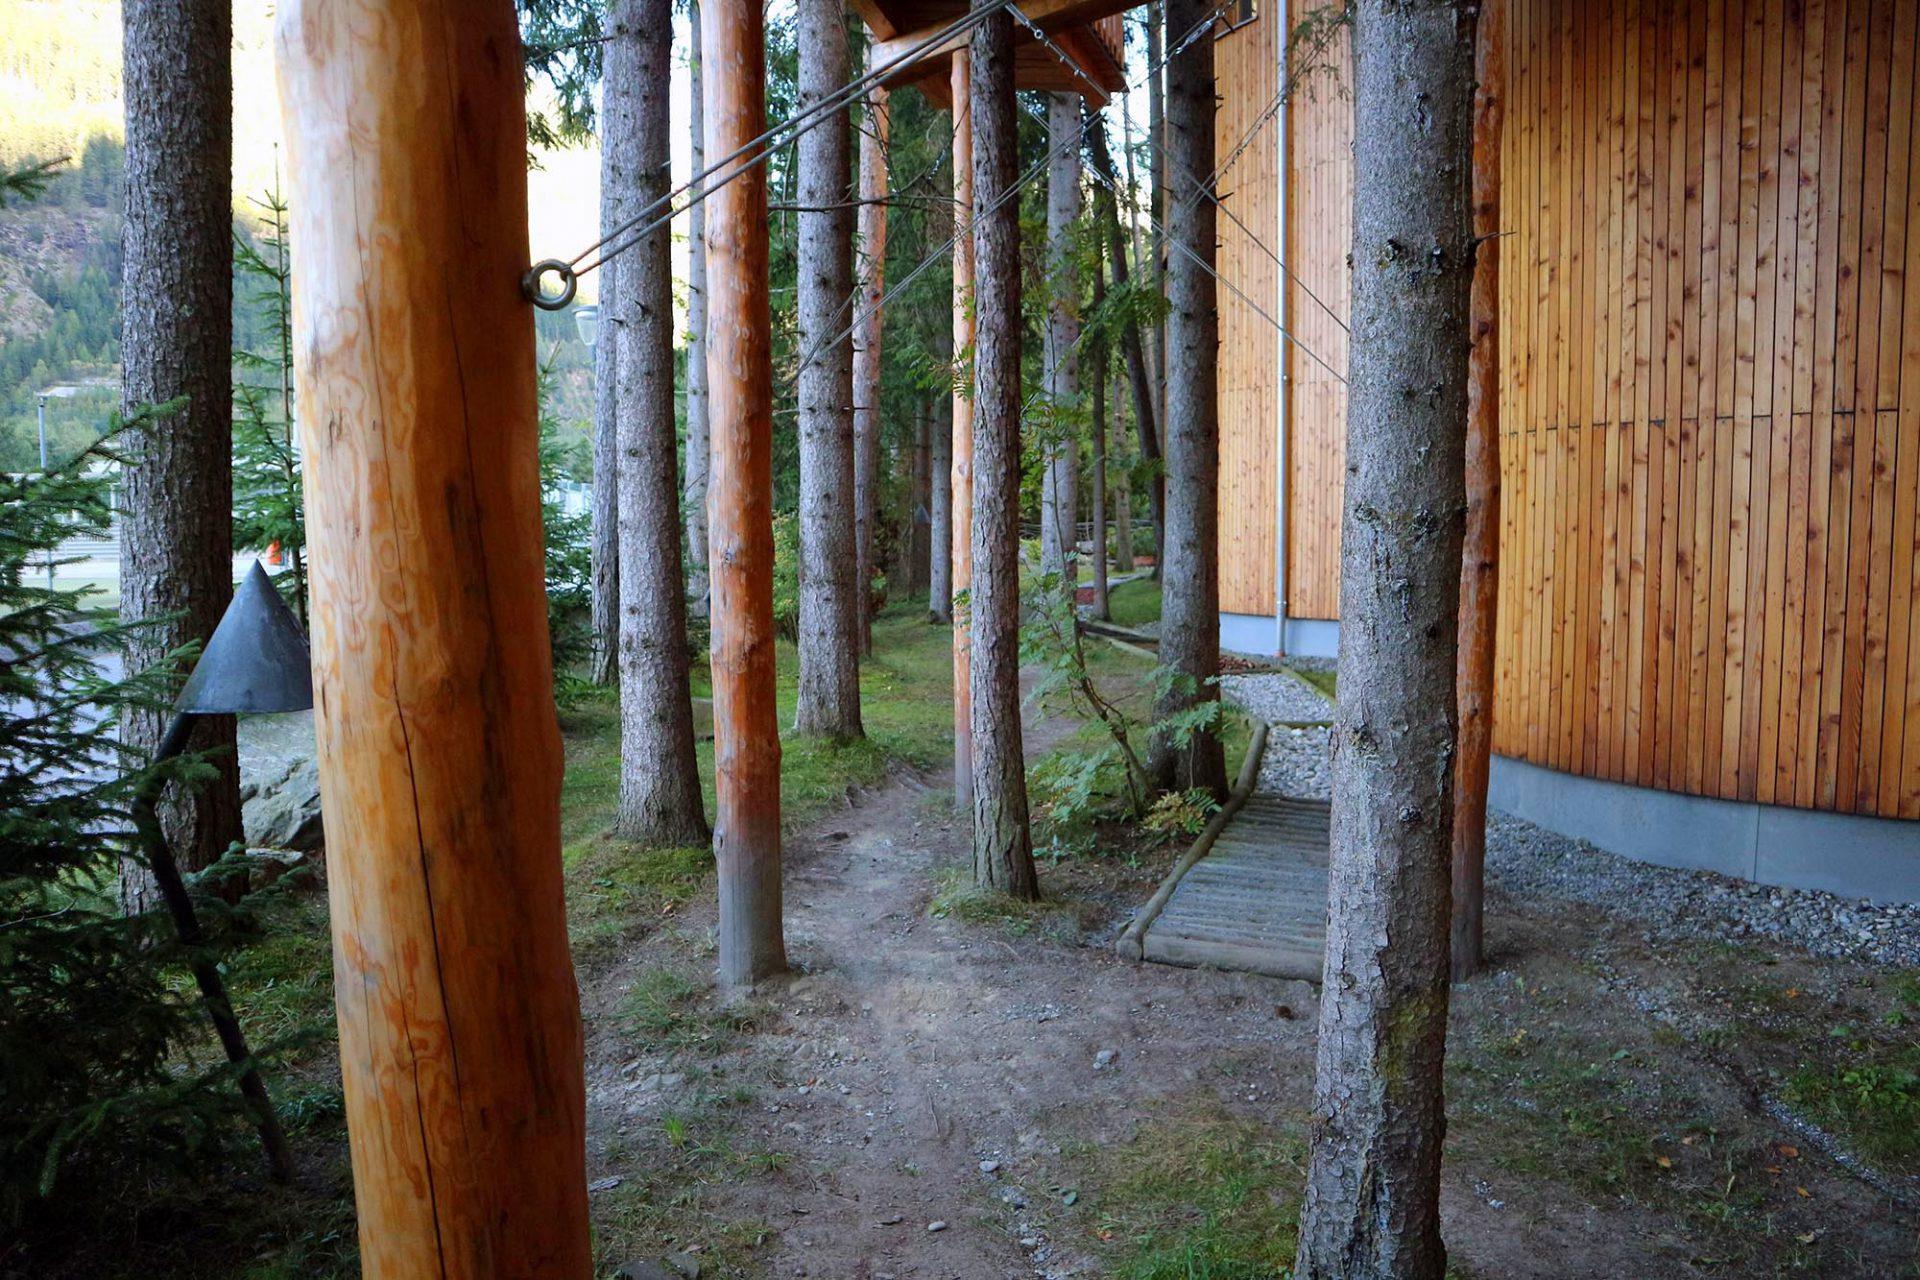 Naturhotel Waldklause.  Baumhausfeeling: der Rundgang am Hotel macht die Struktur und die Naturverbundenheit erlebbar.